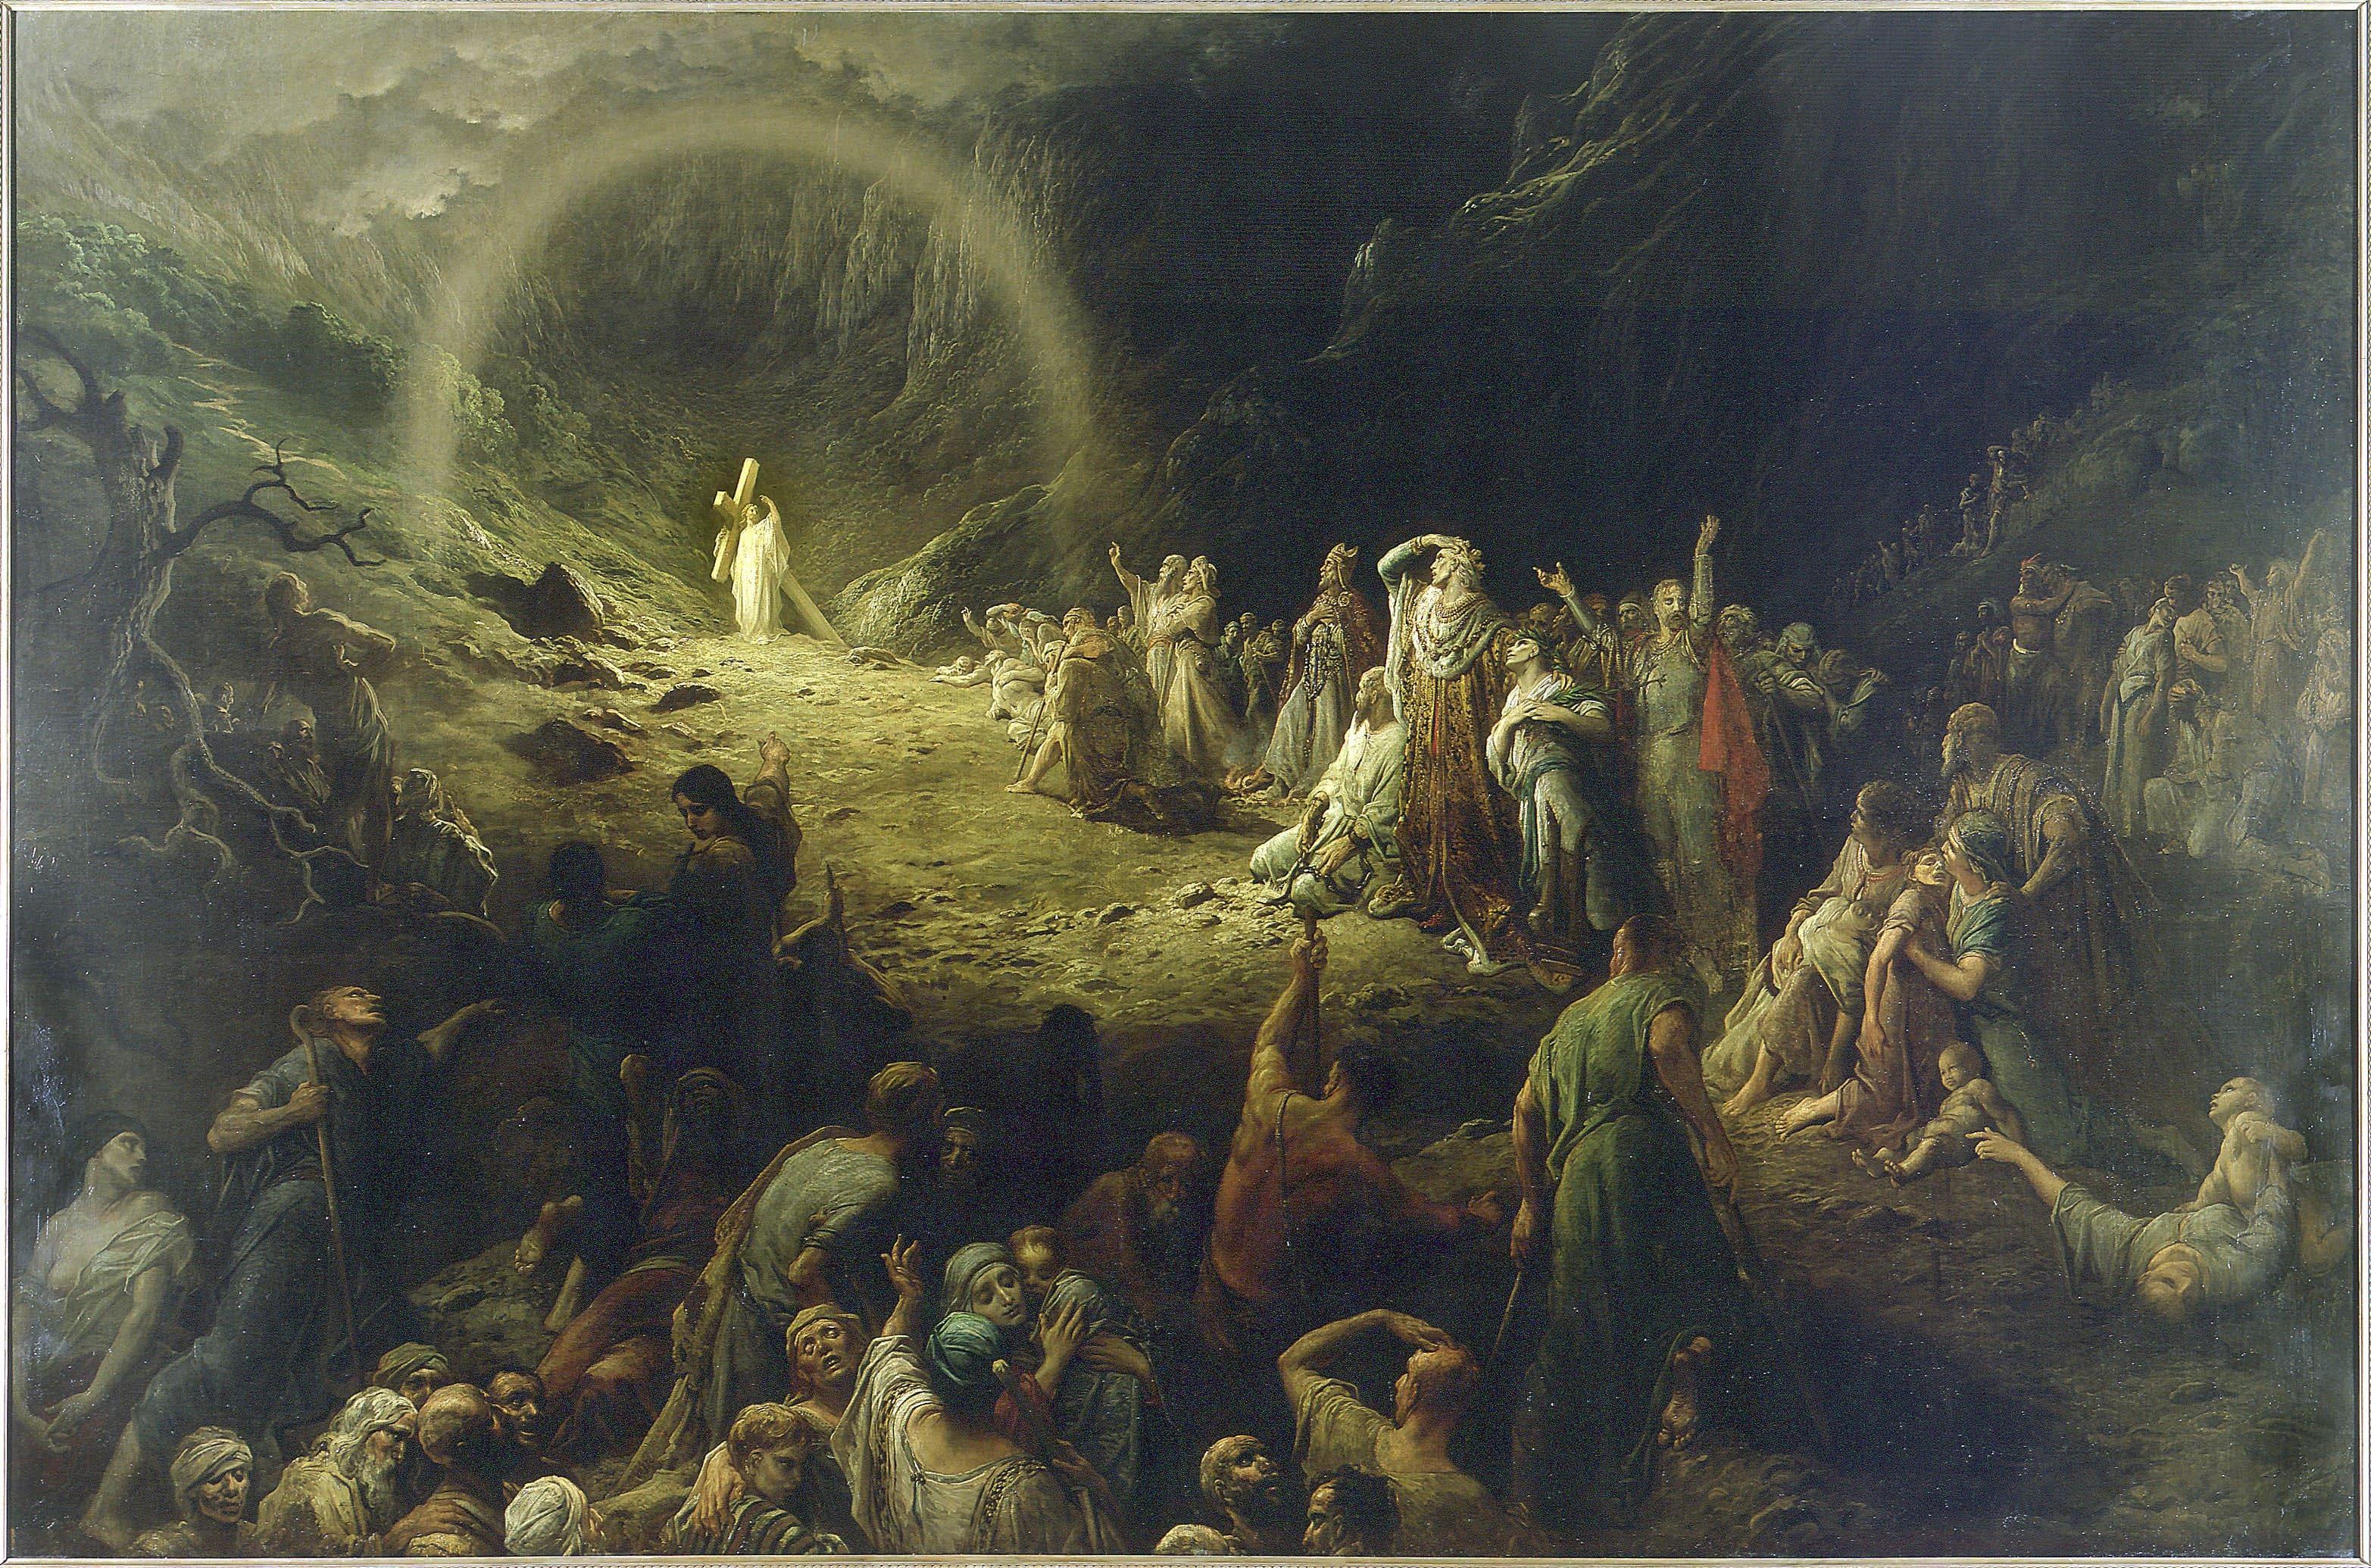 Vallée larmes poids fardeaux lumière foi triomphe douleur Gustave Doré